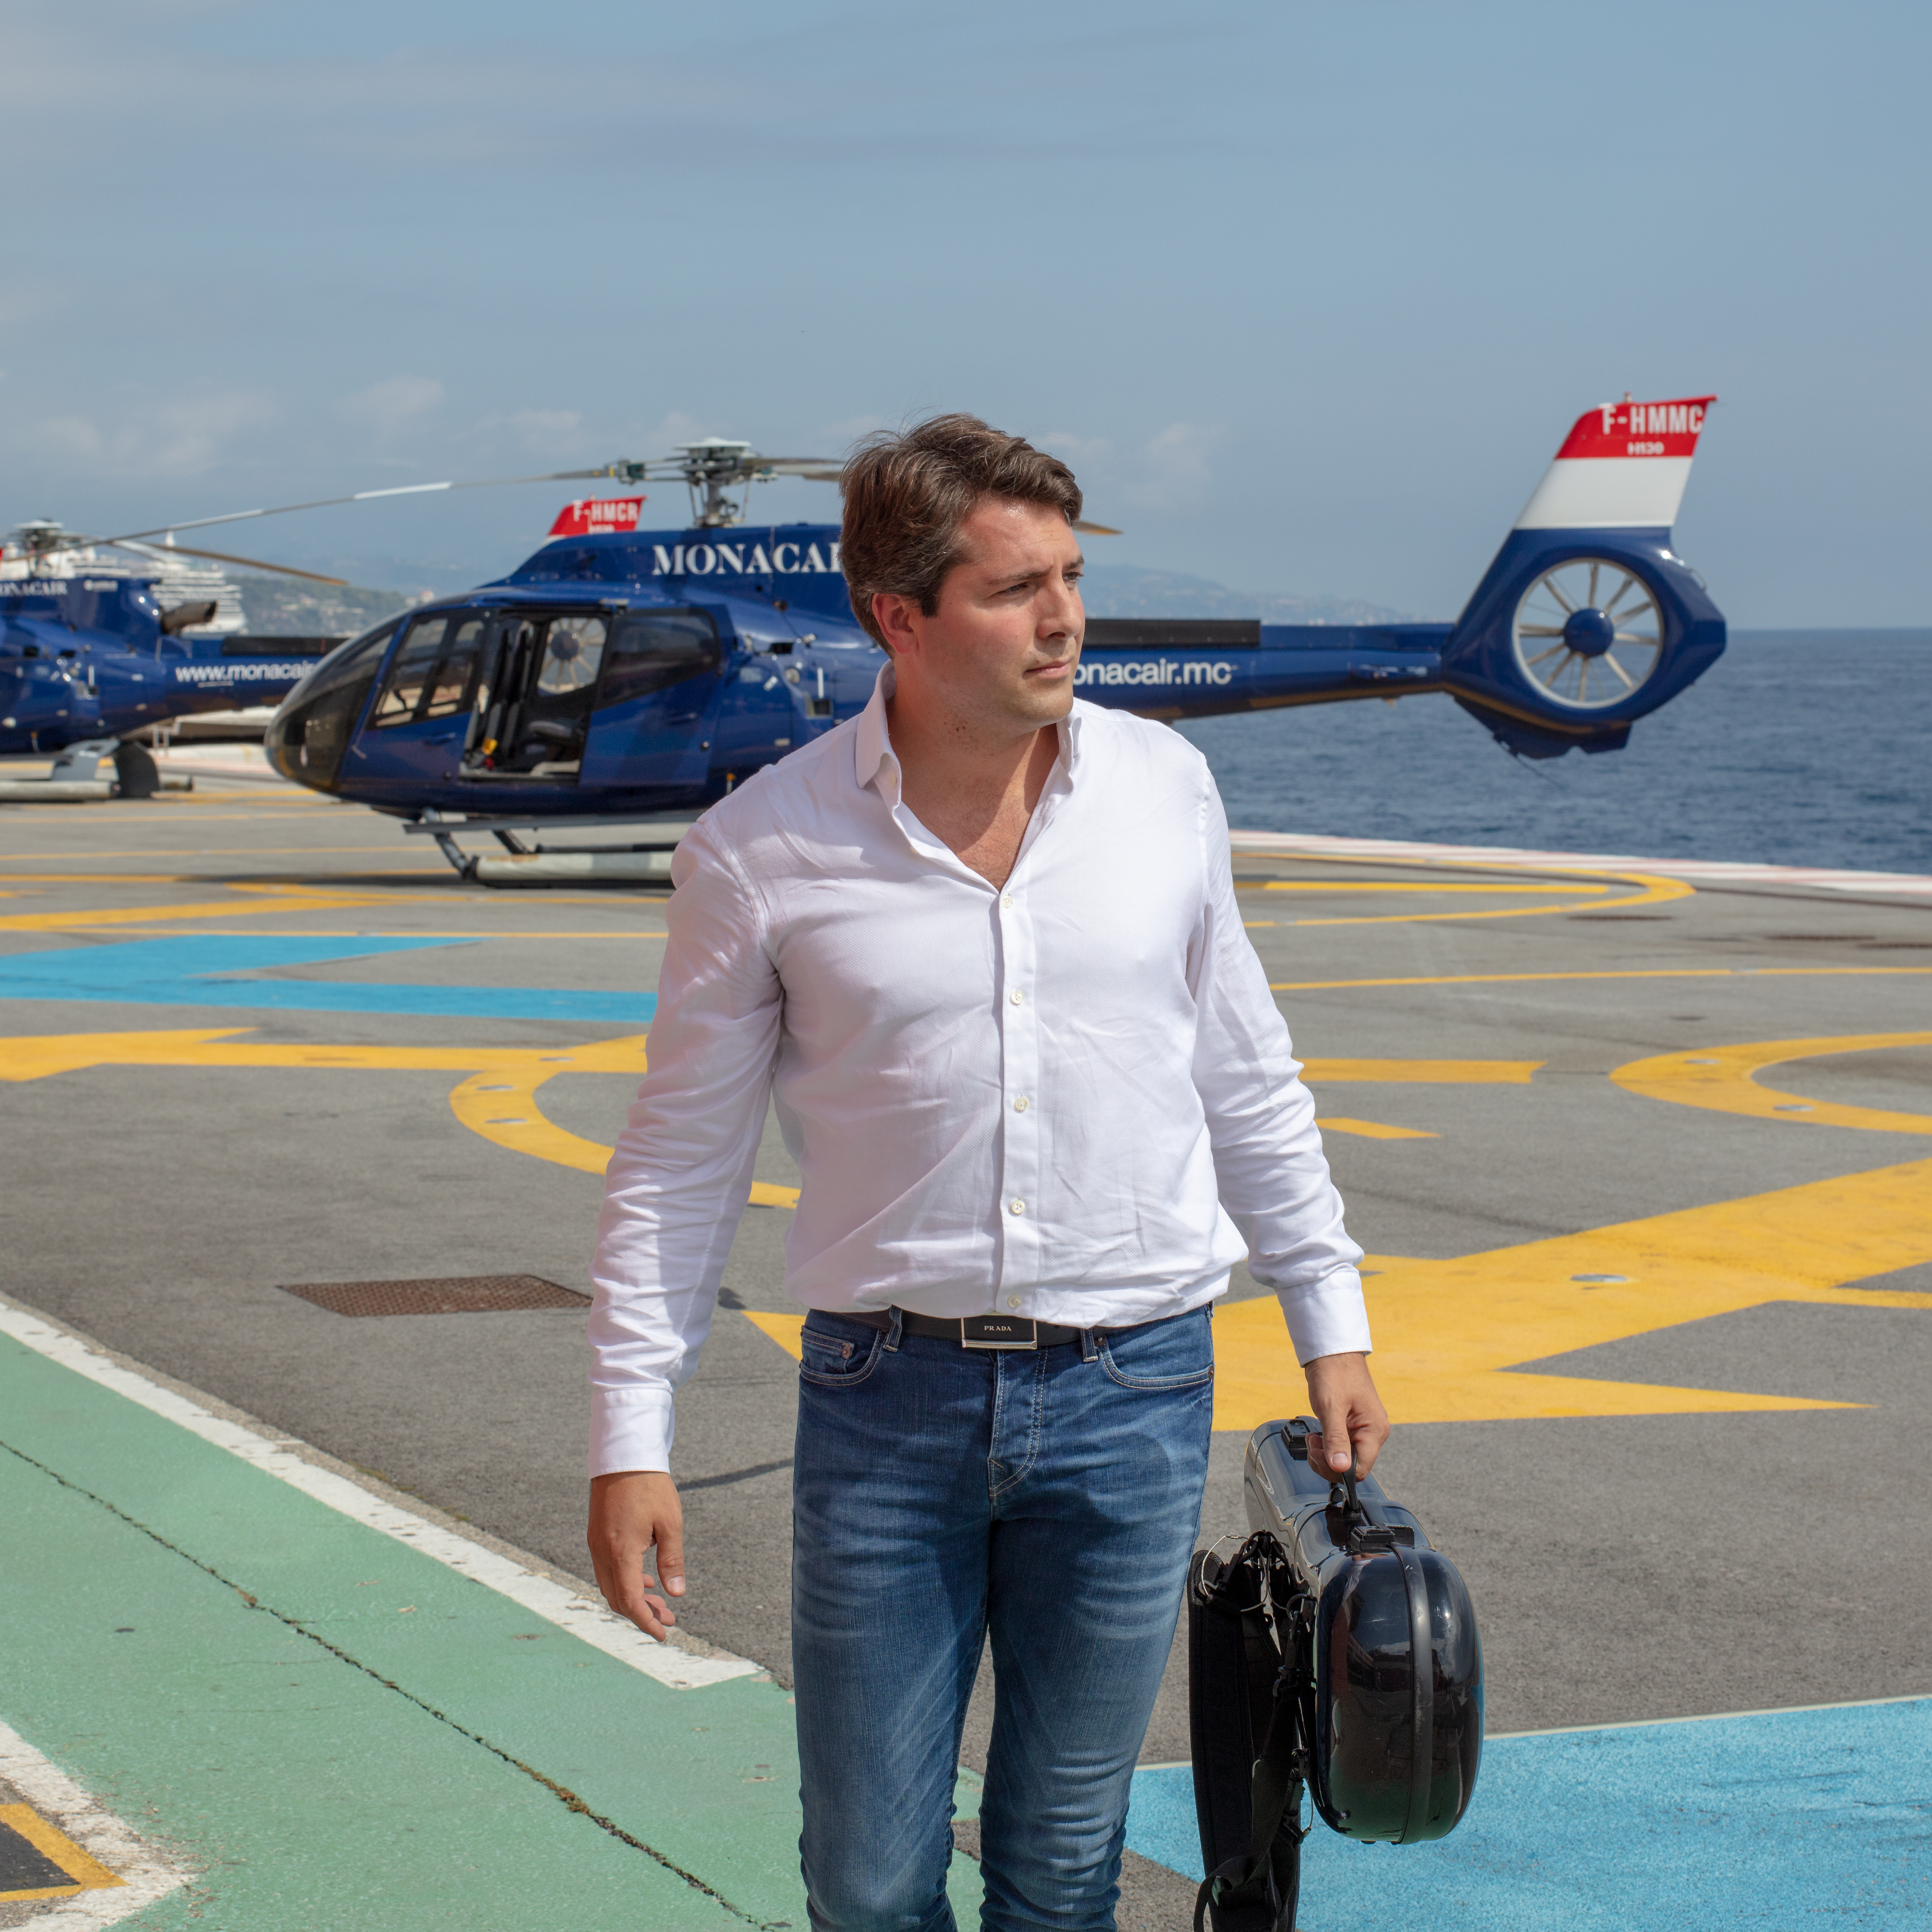 Ankunft in Monaco